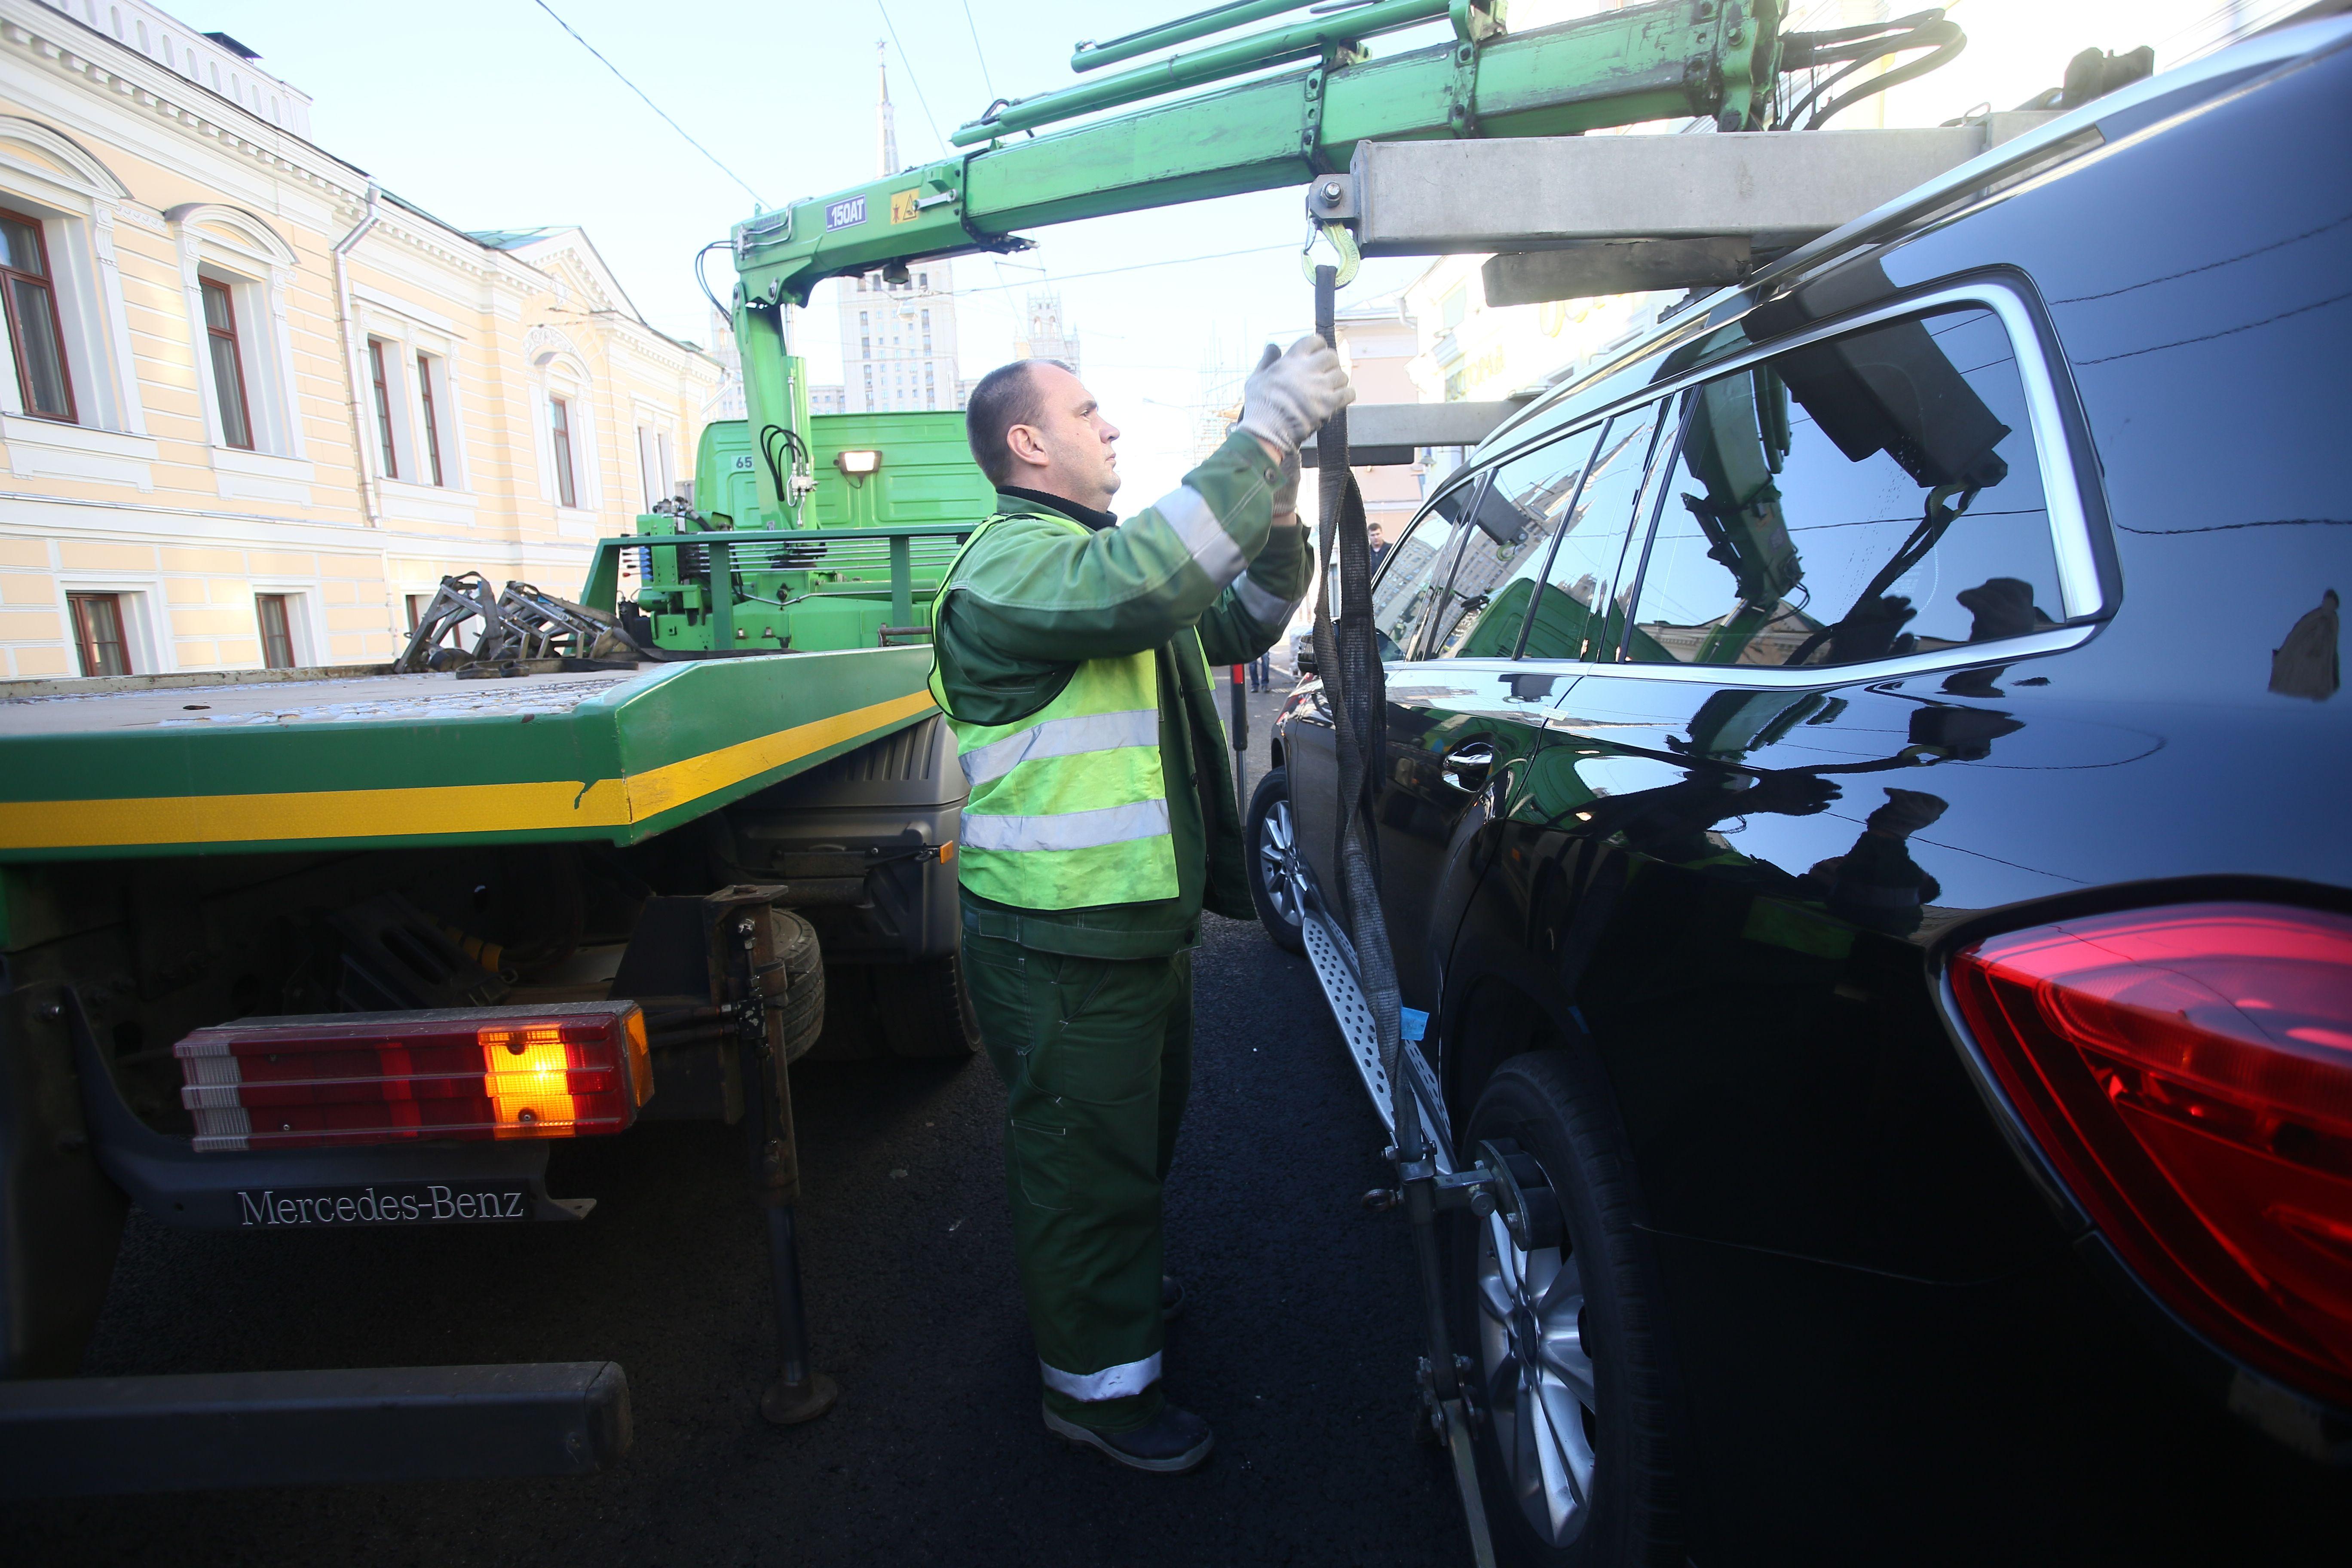 Москвичи эвакуированных машин могут обратиться к роботу за помощью